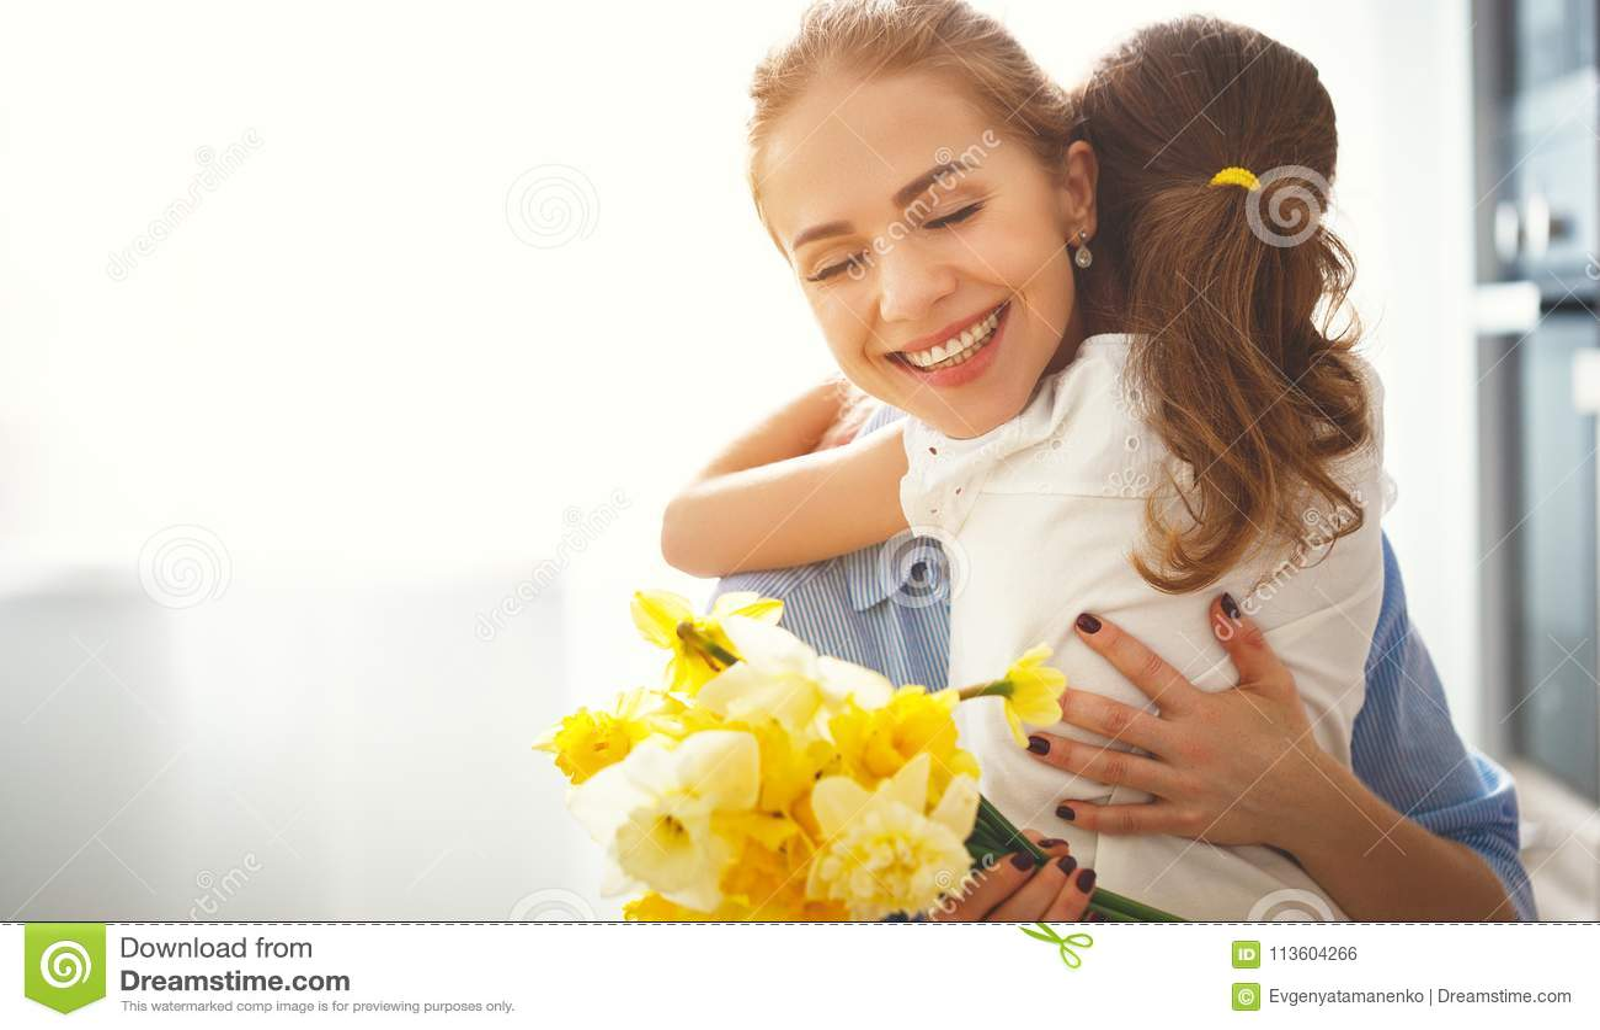 愉快的母亲` s天!儿童女儿给母亲f花束